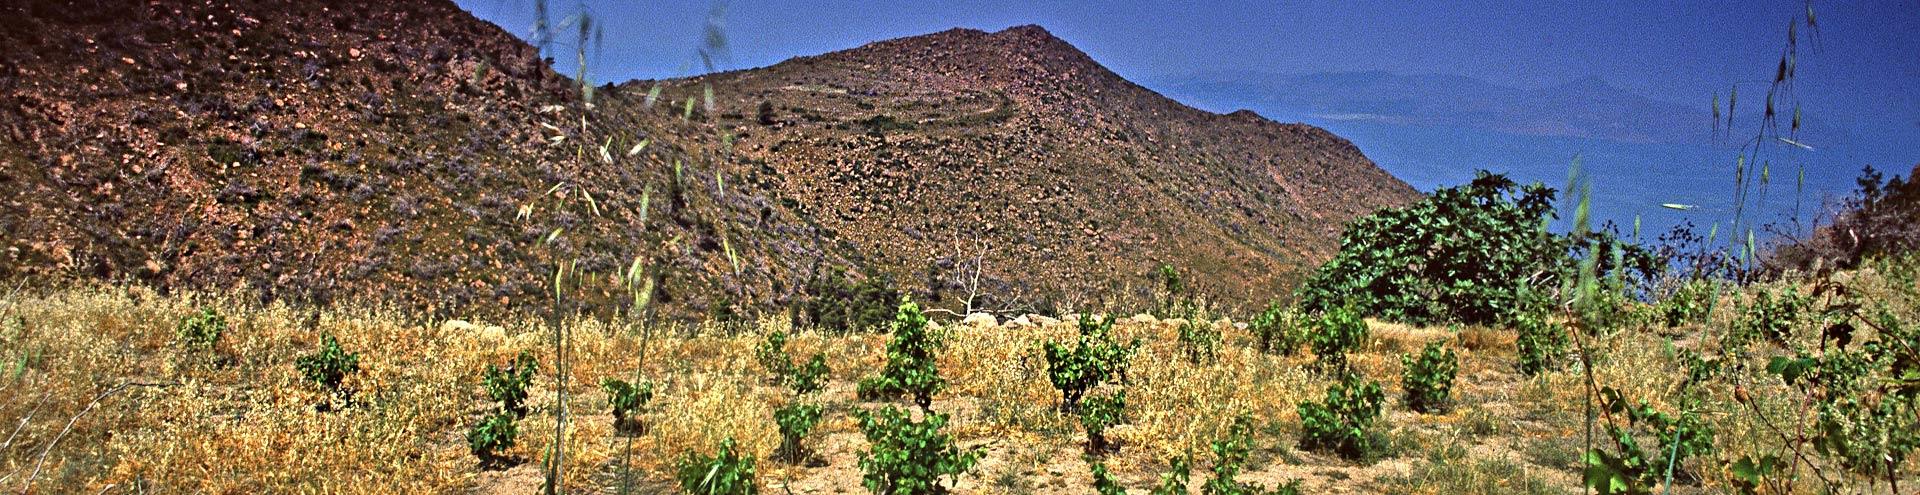 Chounta Kokkini volcano